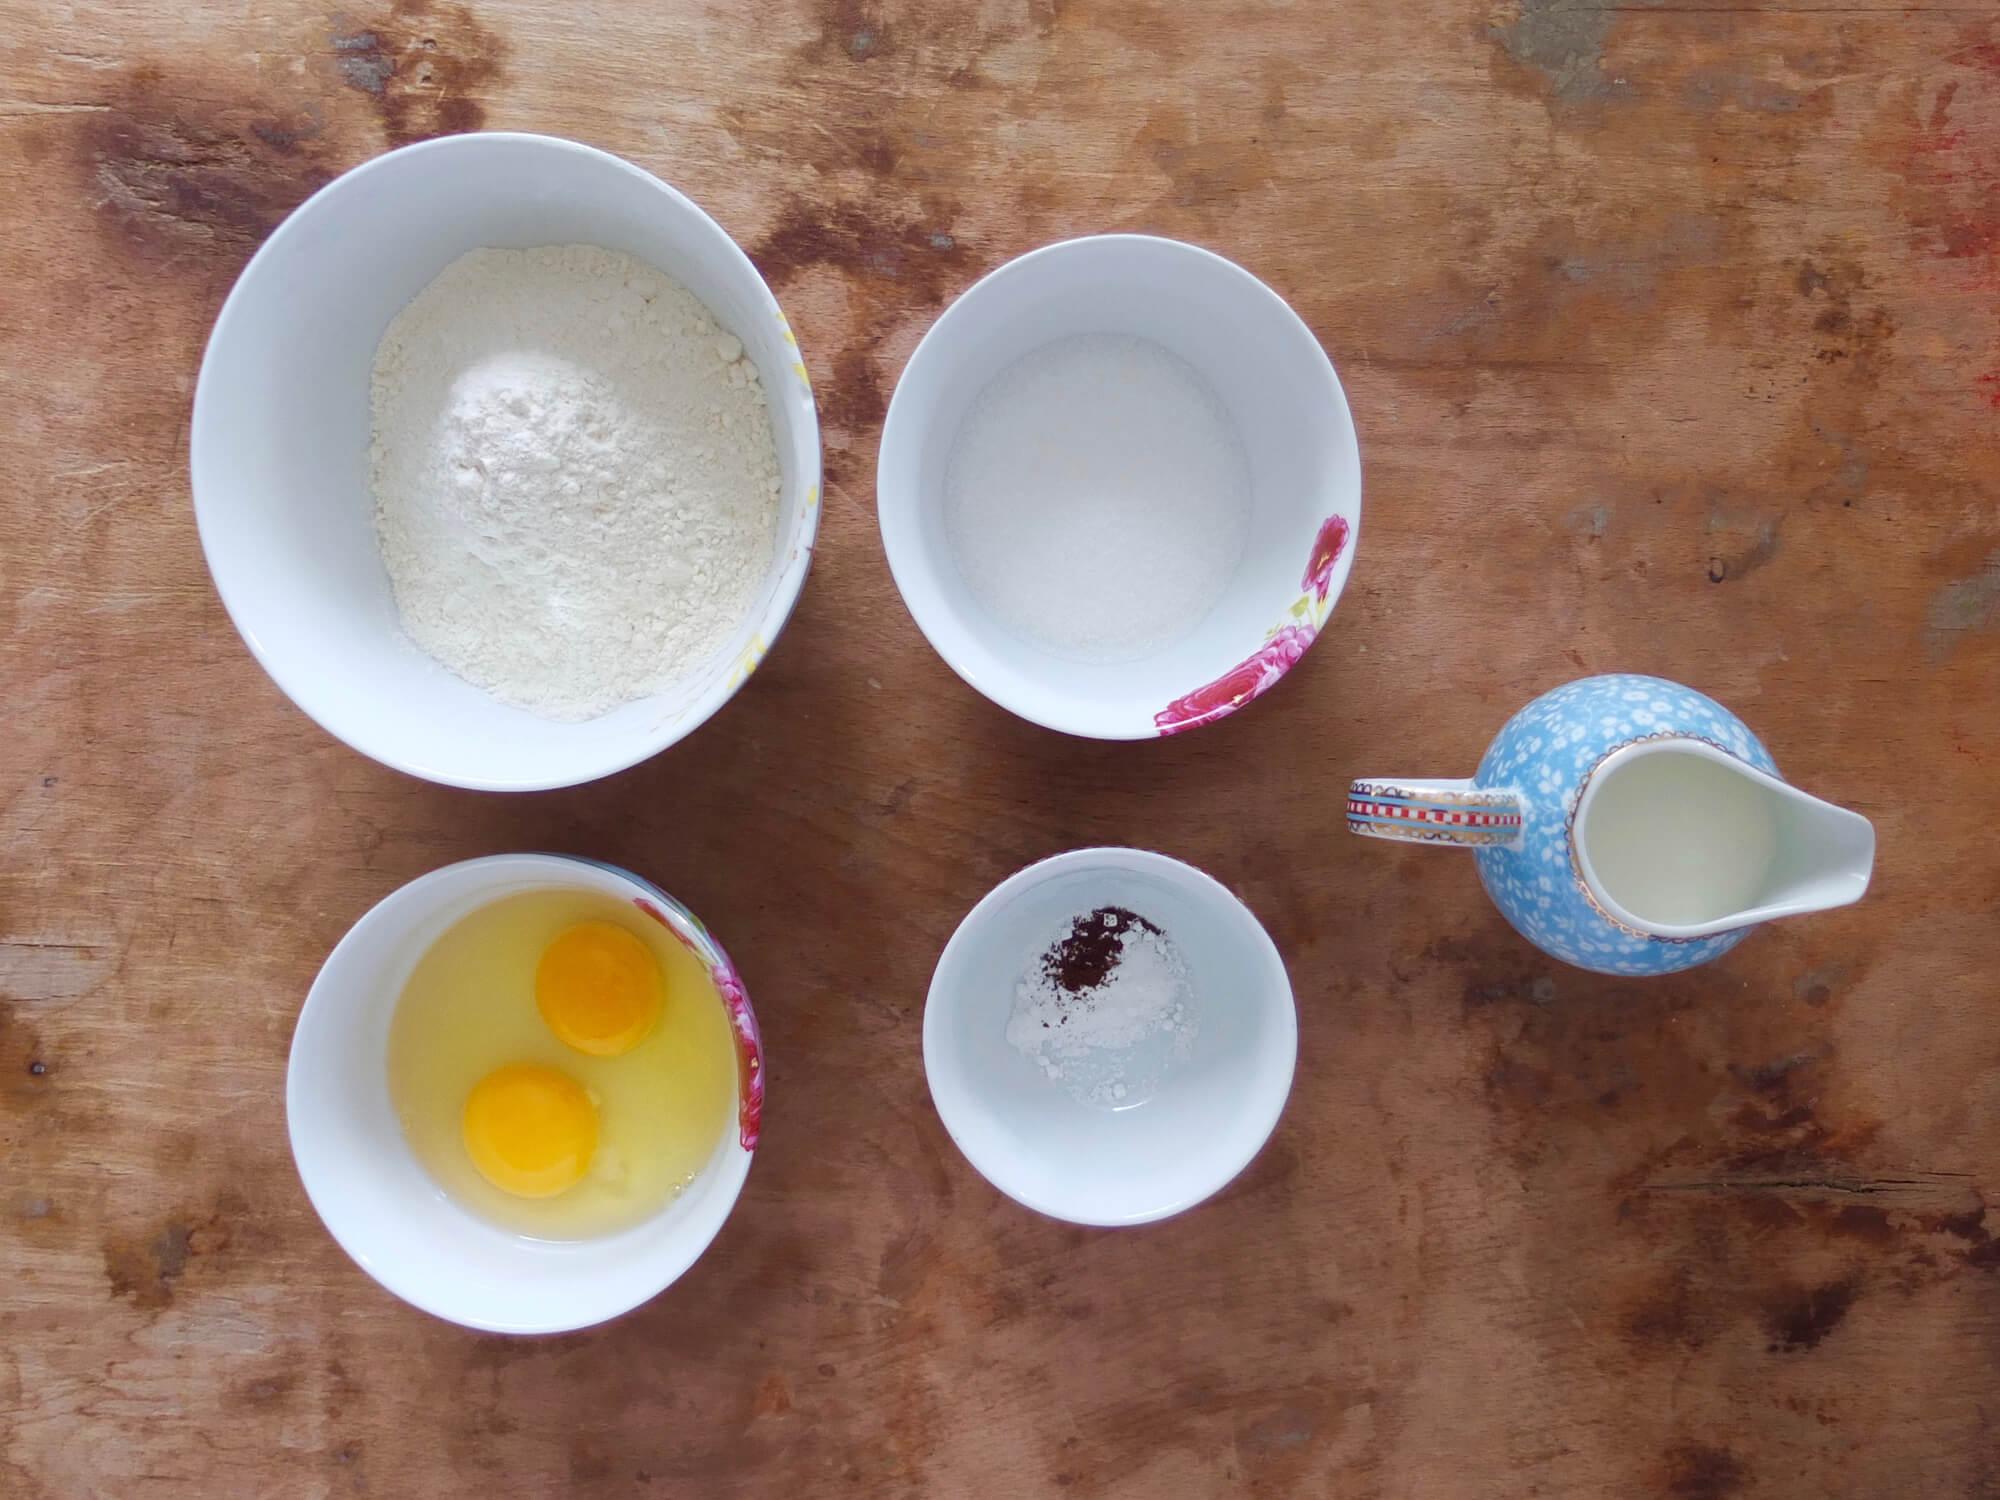 Zutaten Klassische Pancakes - La Crema Patisserie Foodblog Backblog